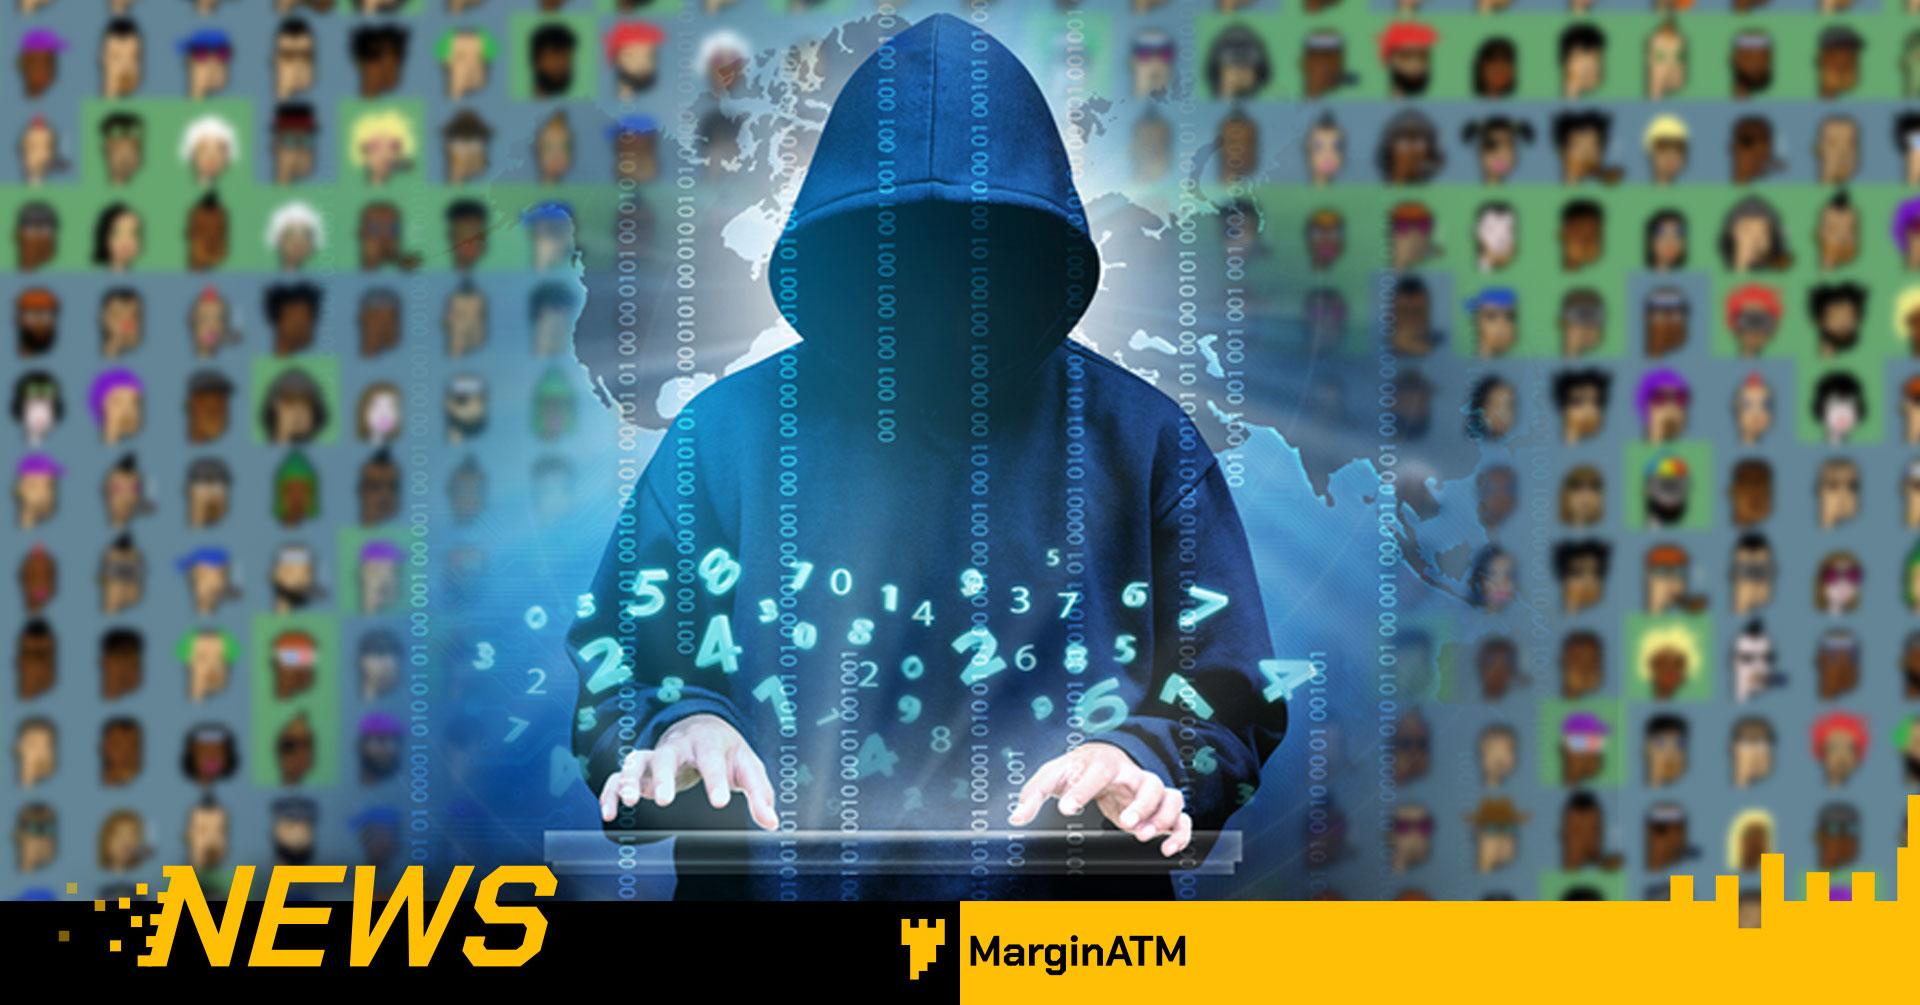 Người sáng lập NFT Game bị kẻ gian lừa đảo lượng lớn CryptoPunks và ETH